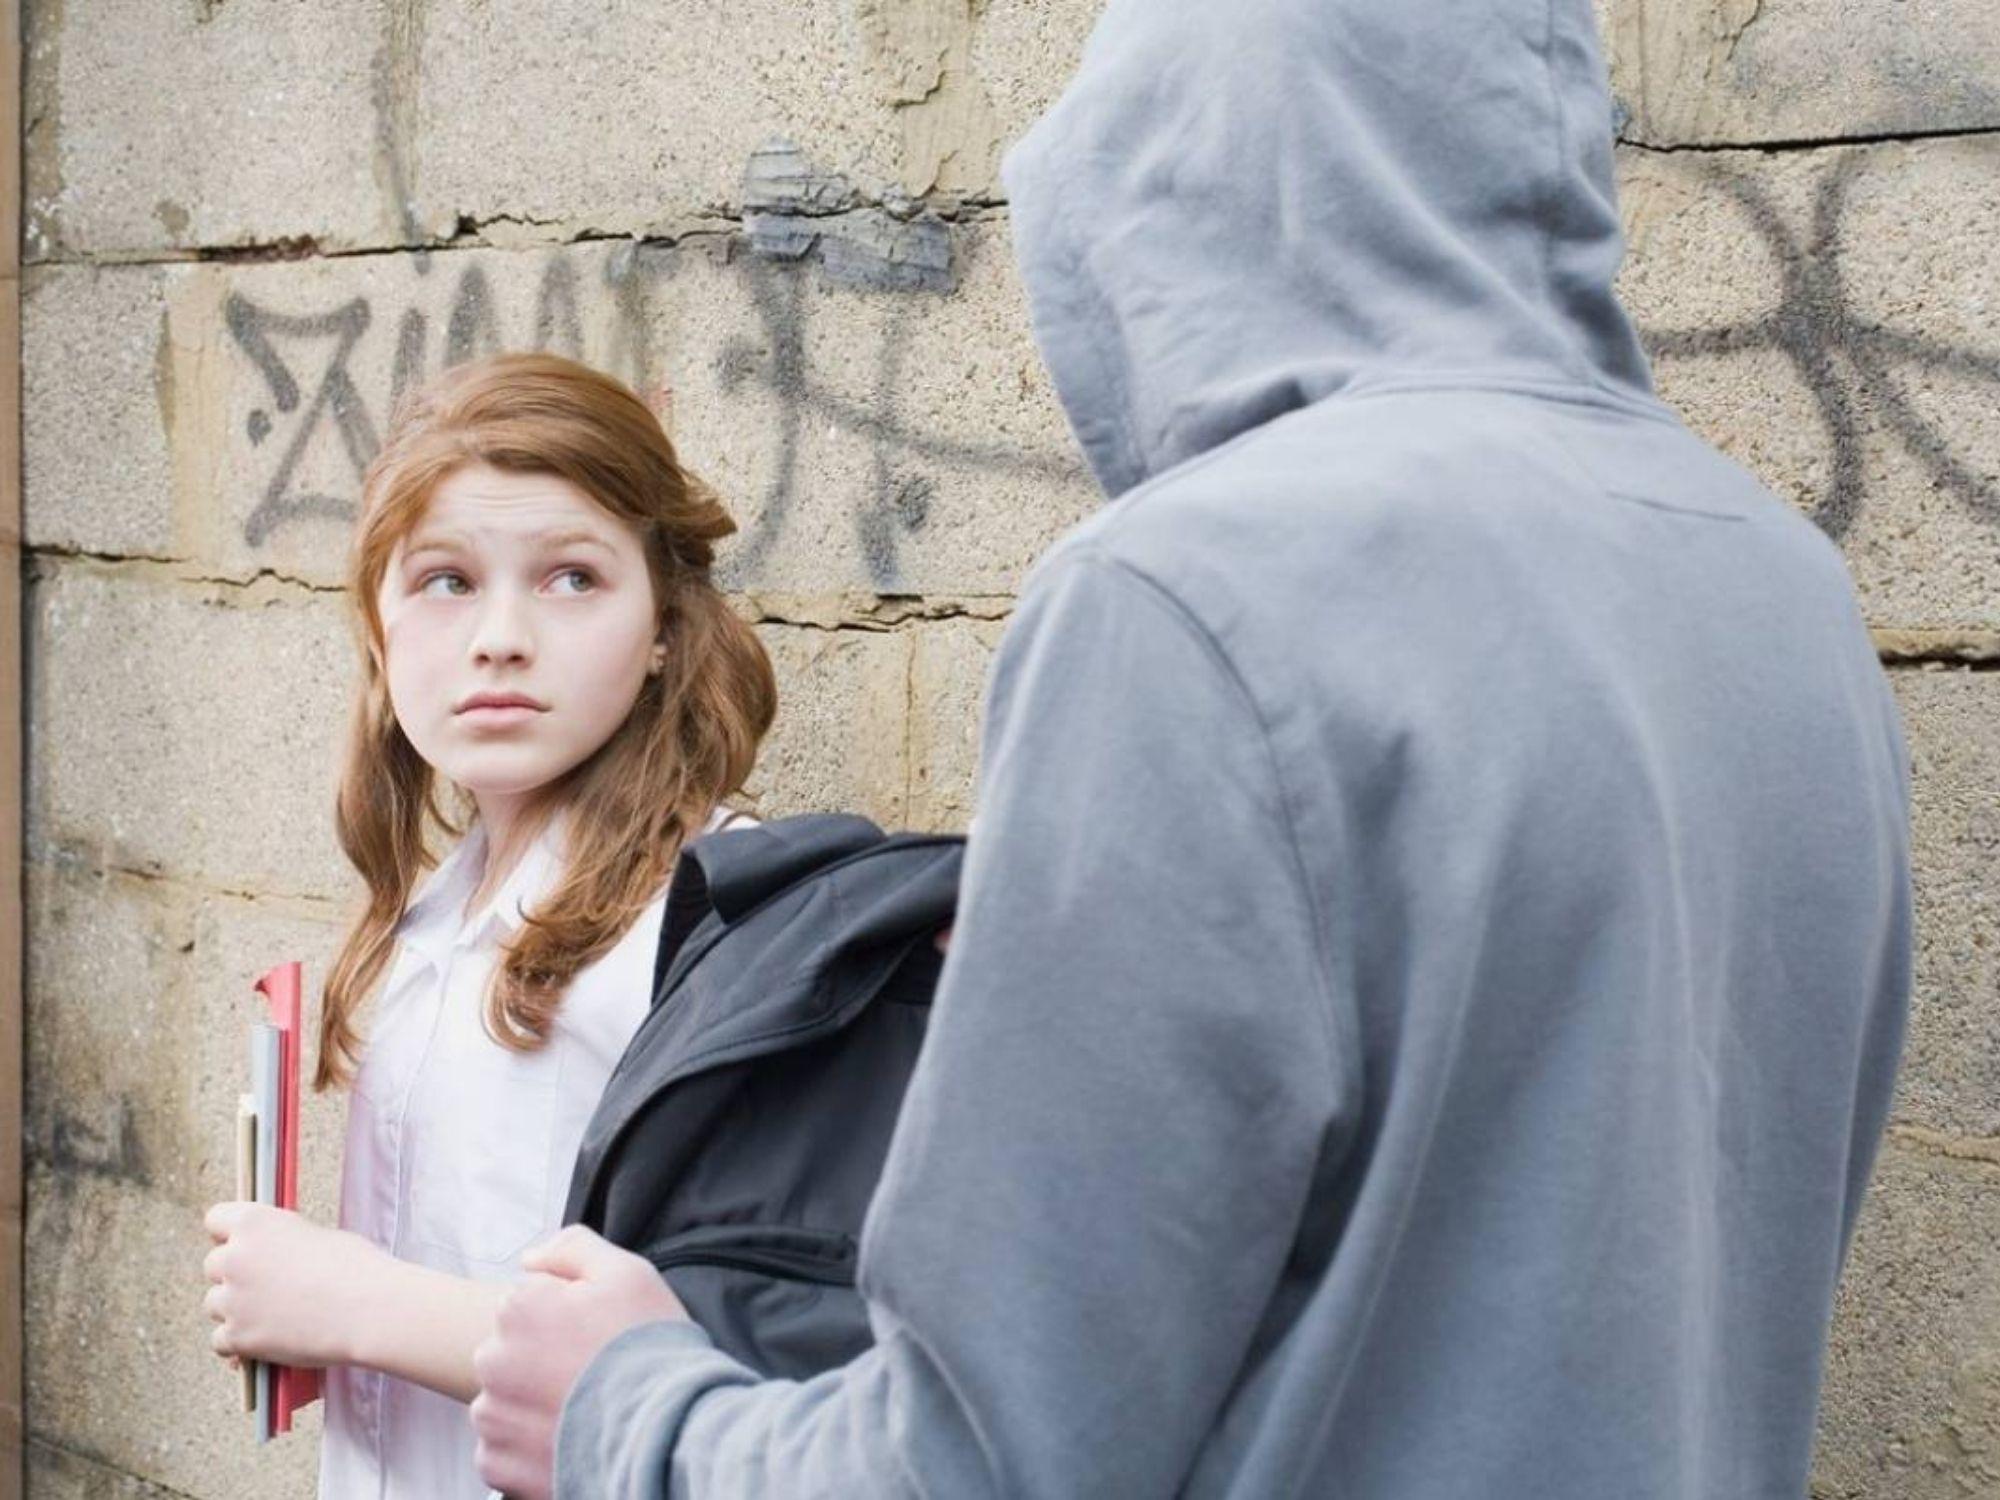 Gã đàn ông quấy rối bé gái 14 tuổi bị 7 thiếu niên hành hung tập thể để 'cảnh cáo'